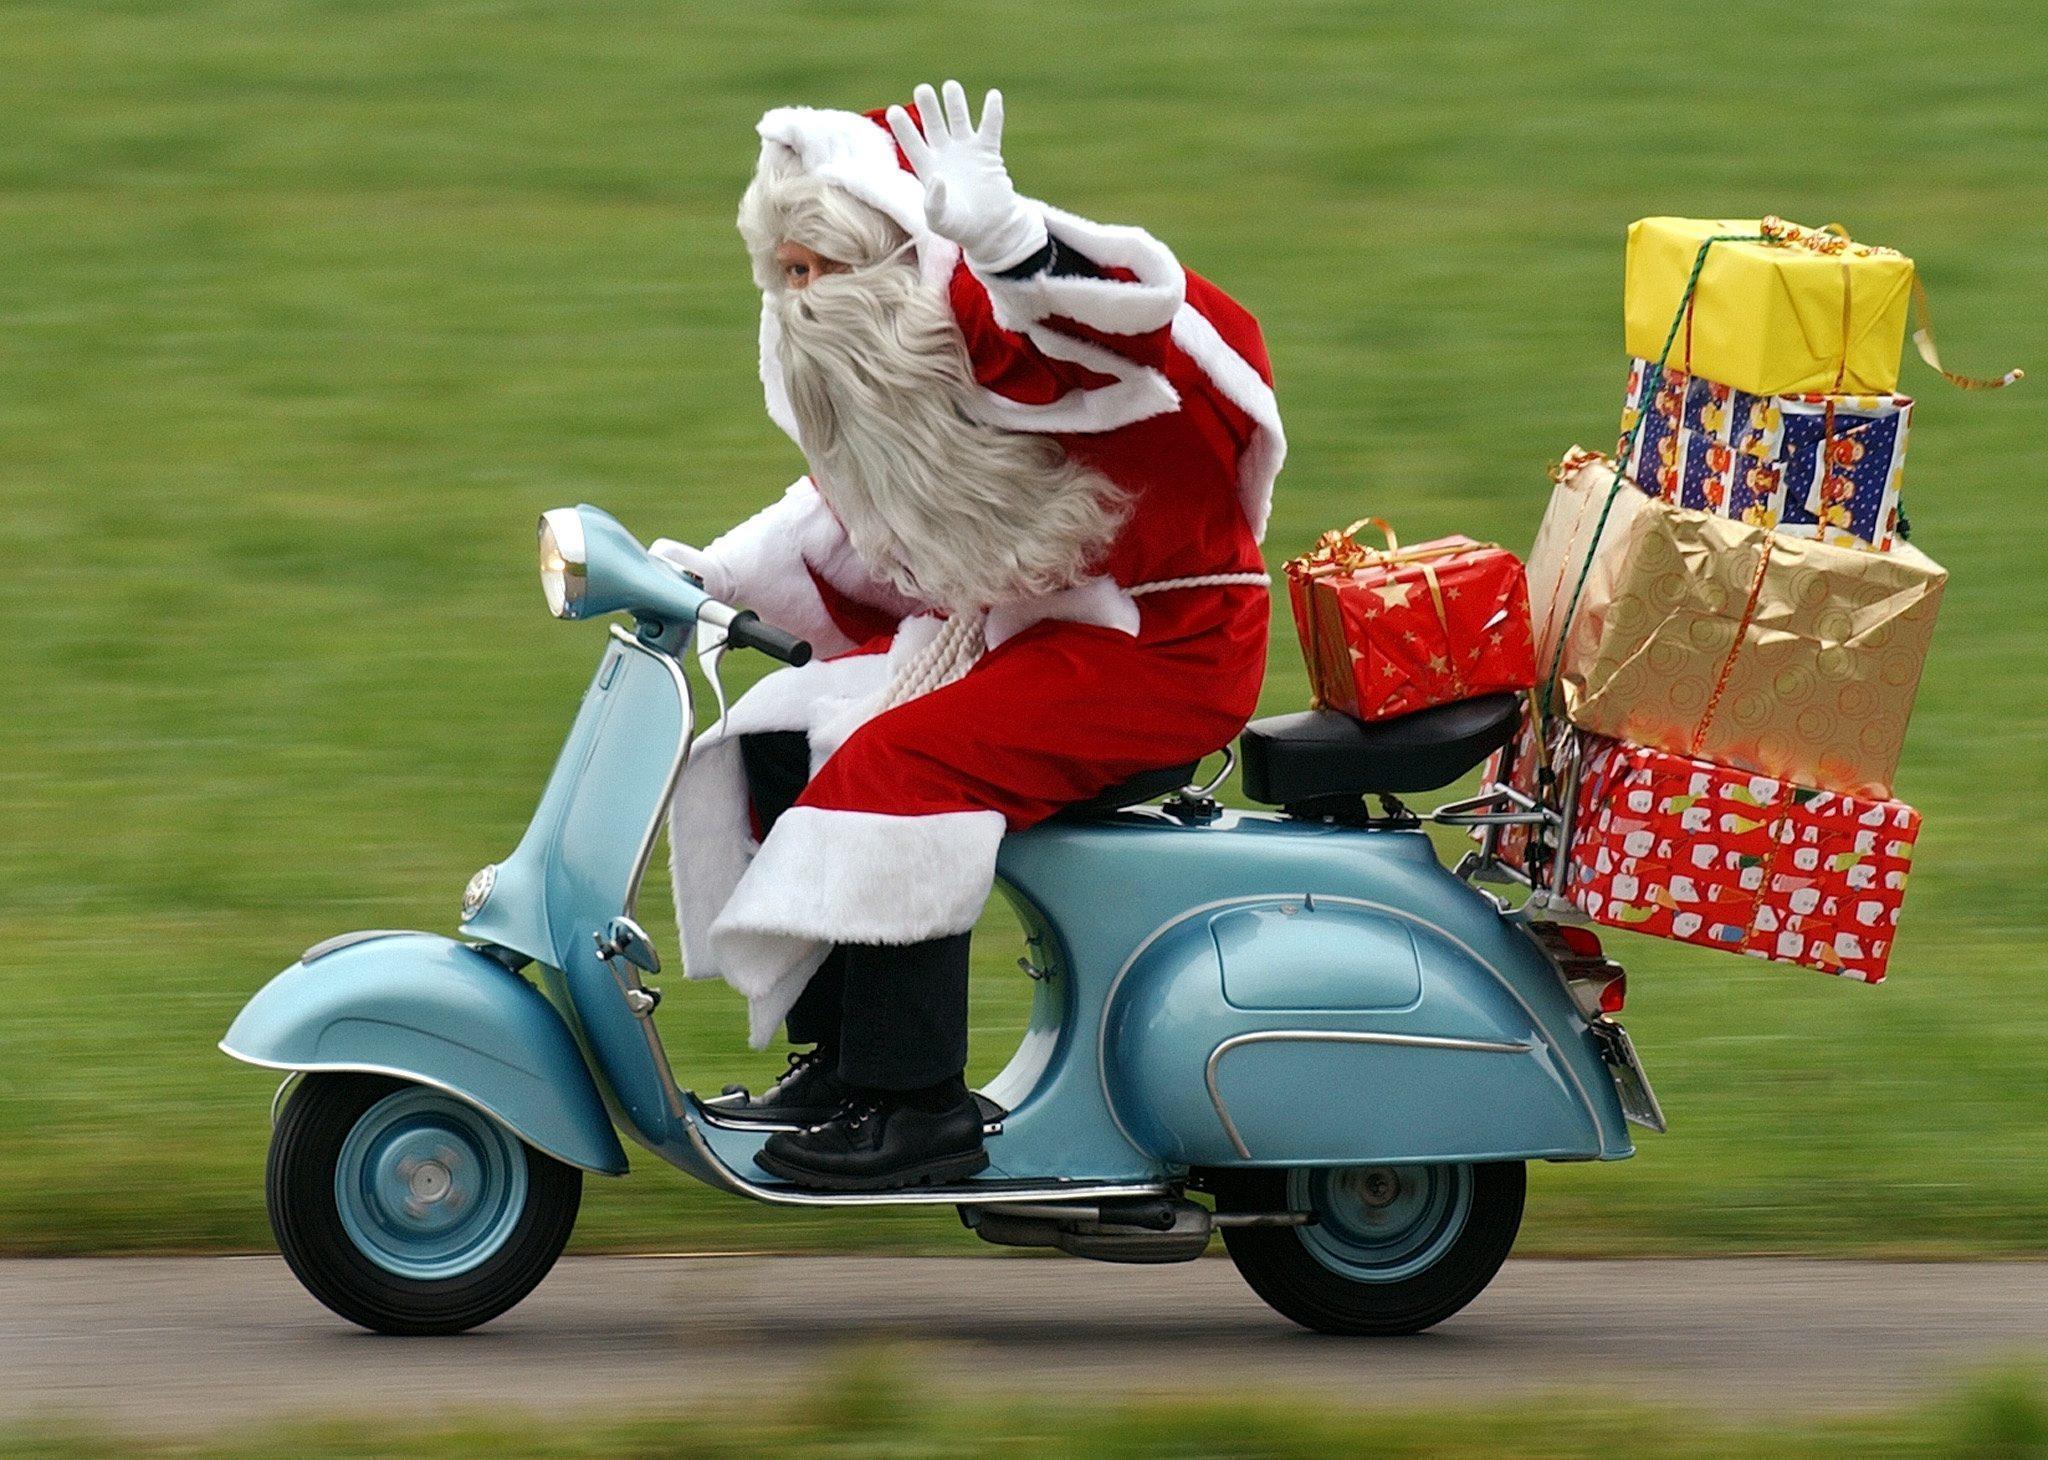 Regali Di Natale The.Regali Di Natale Alimentari Al Top Giu Gli Smartphone Giornale